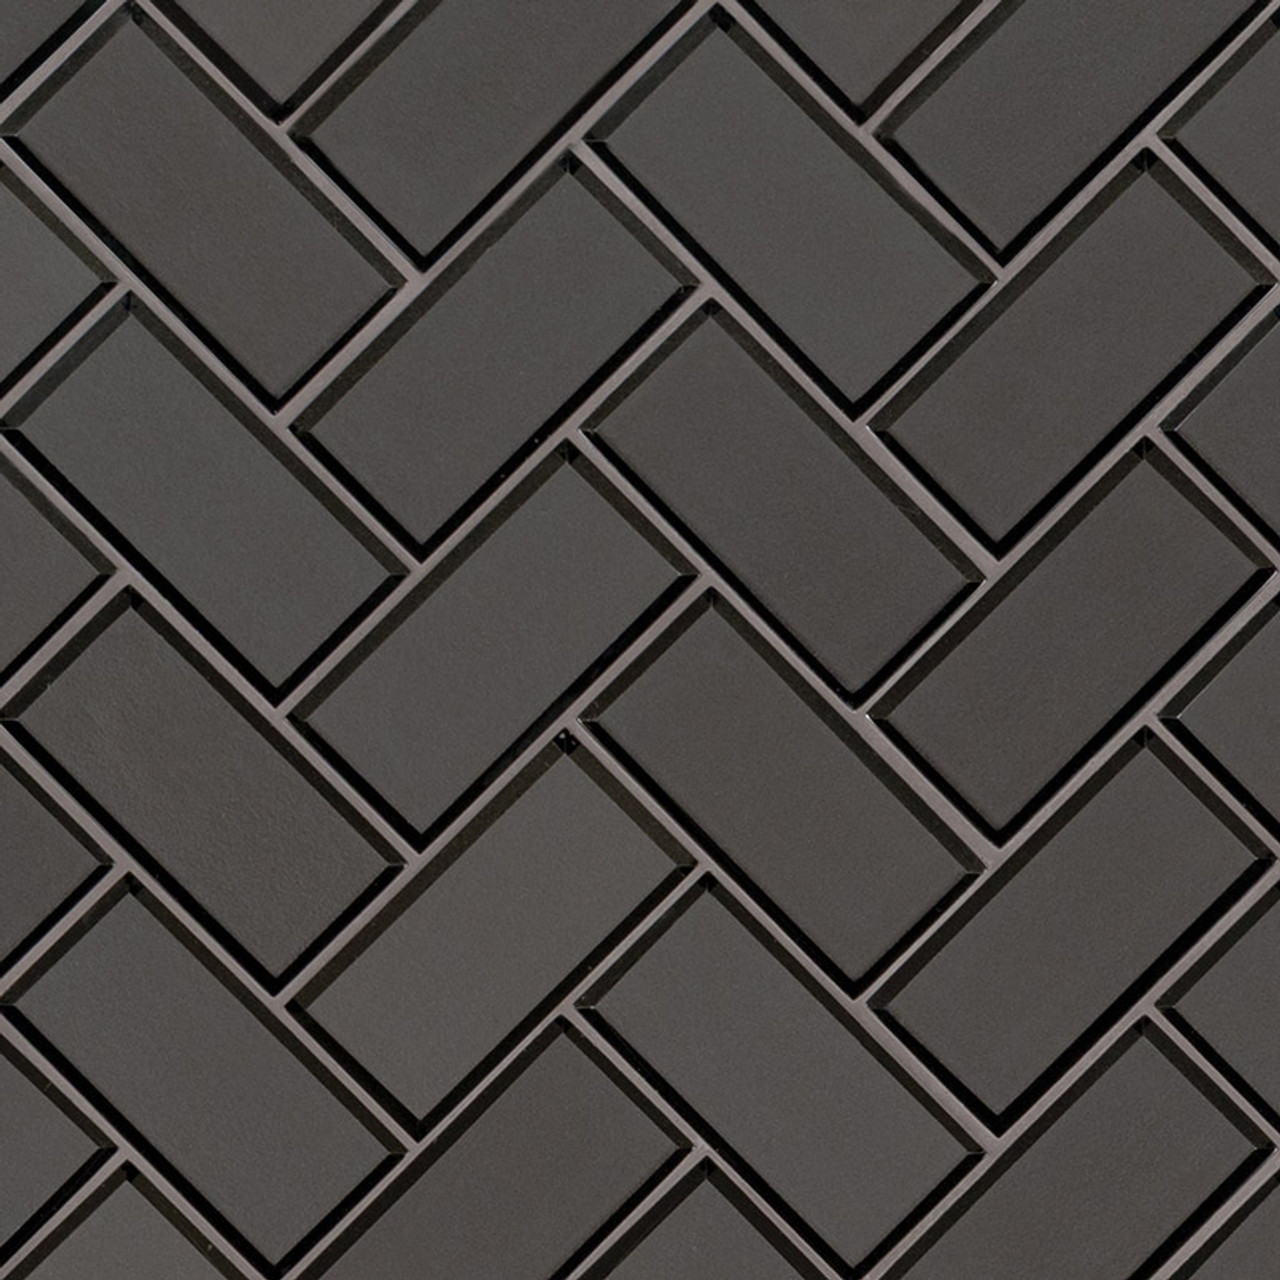 metallic gray bevel herringbone mosaic